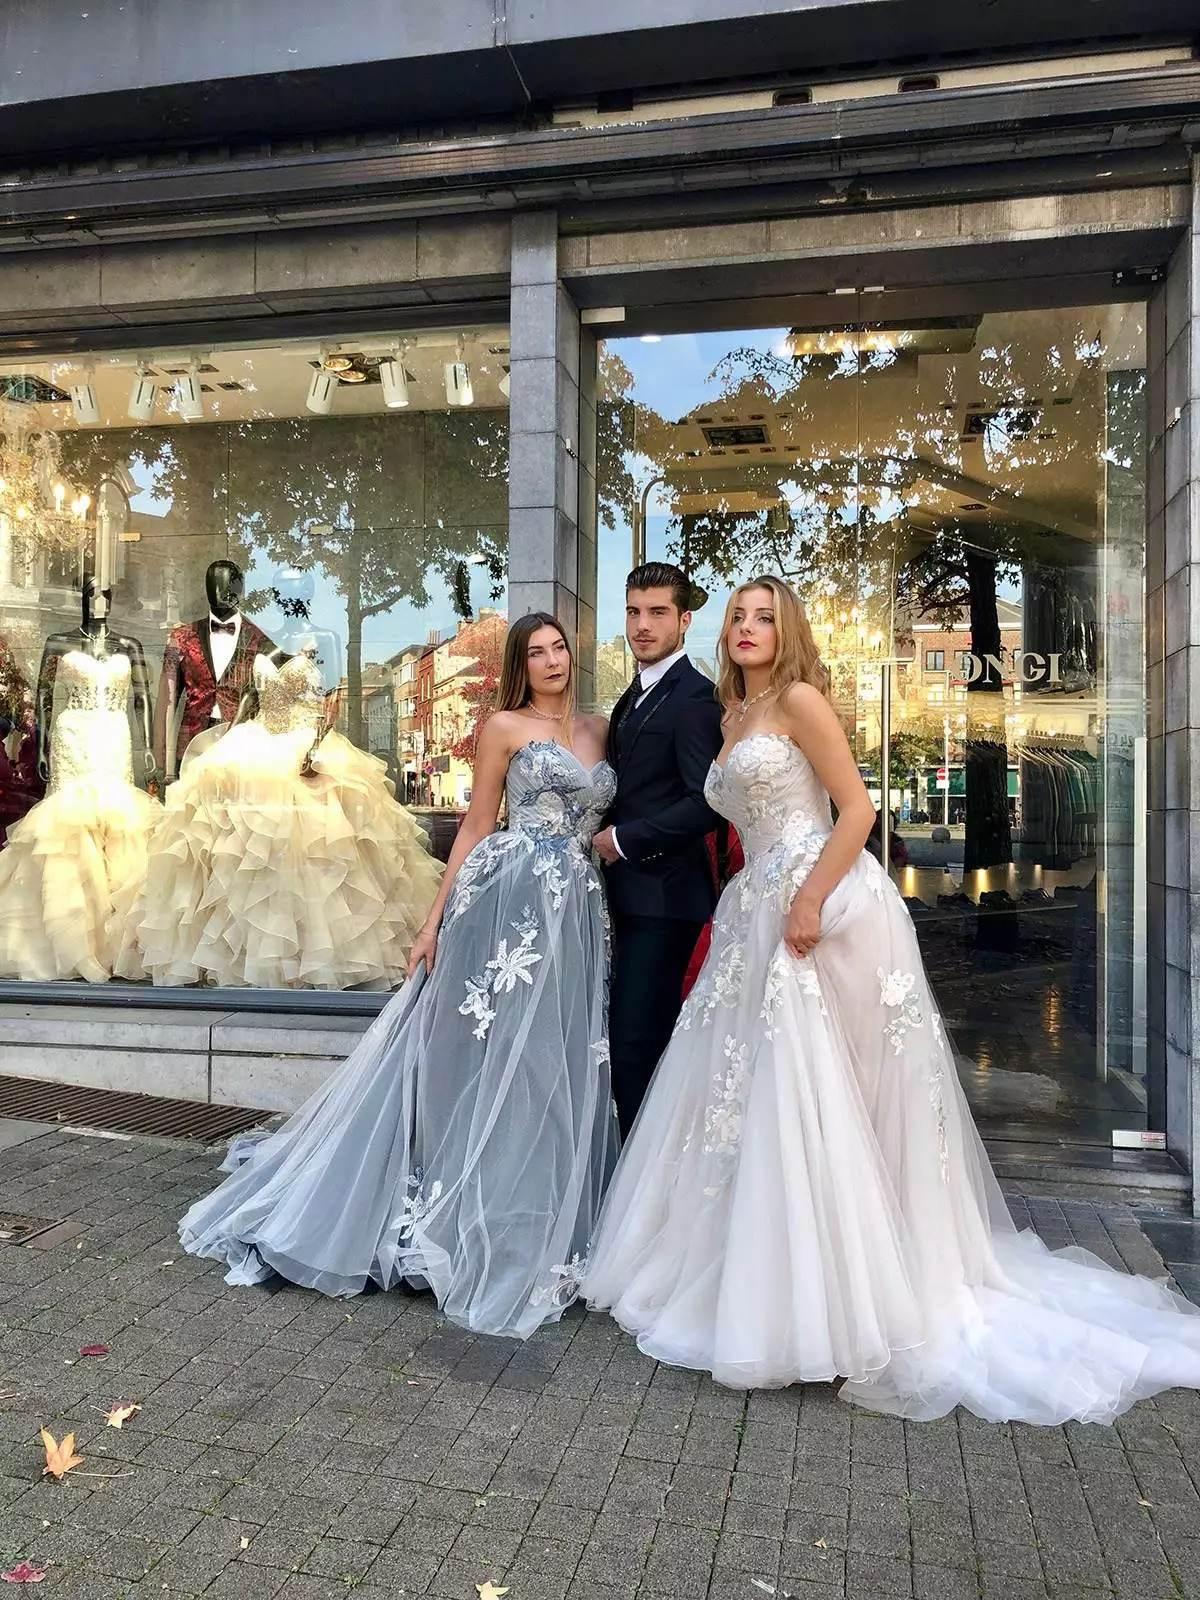 où trouver des robes de mariée